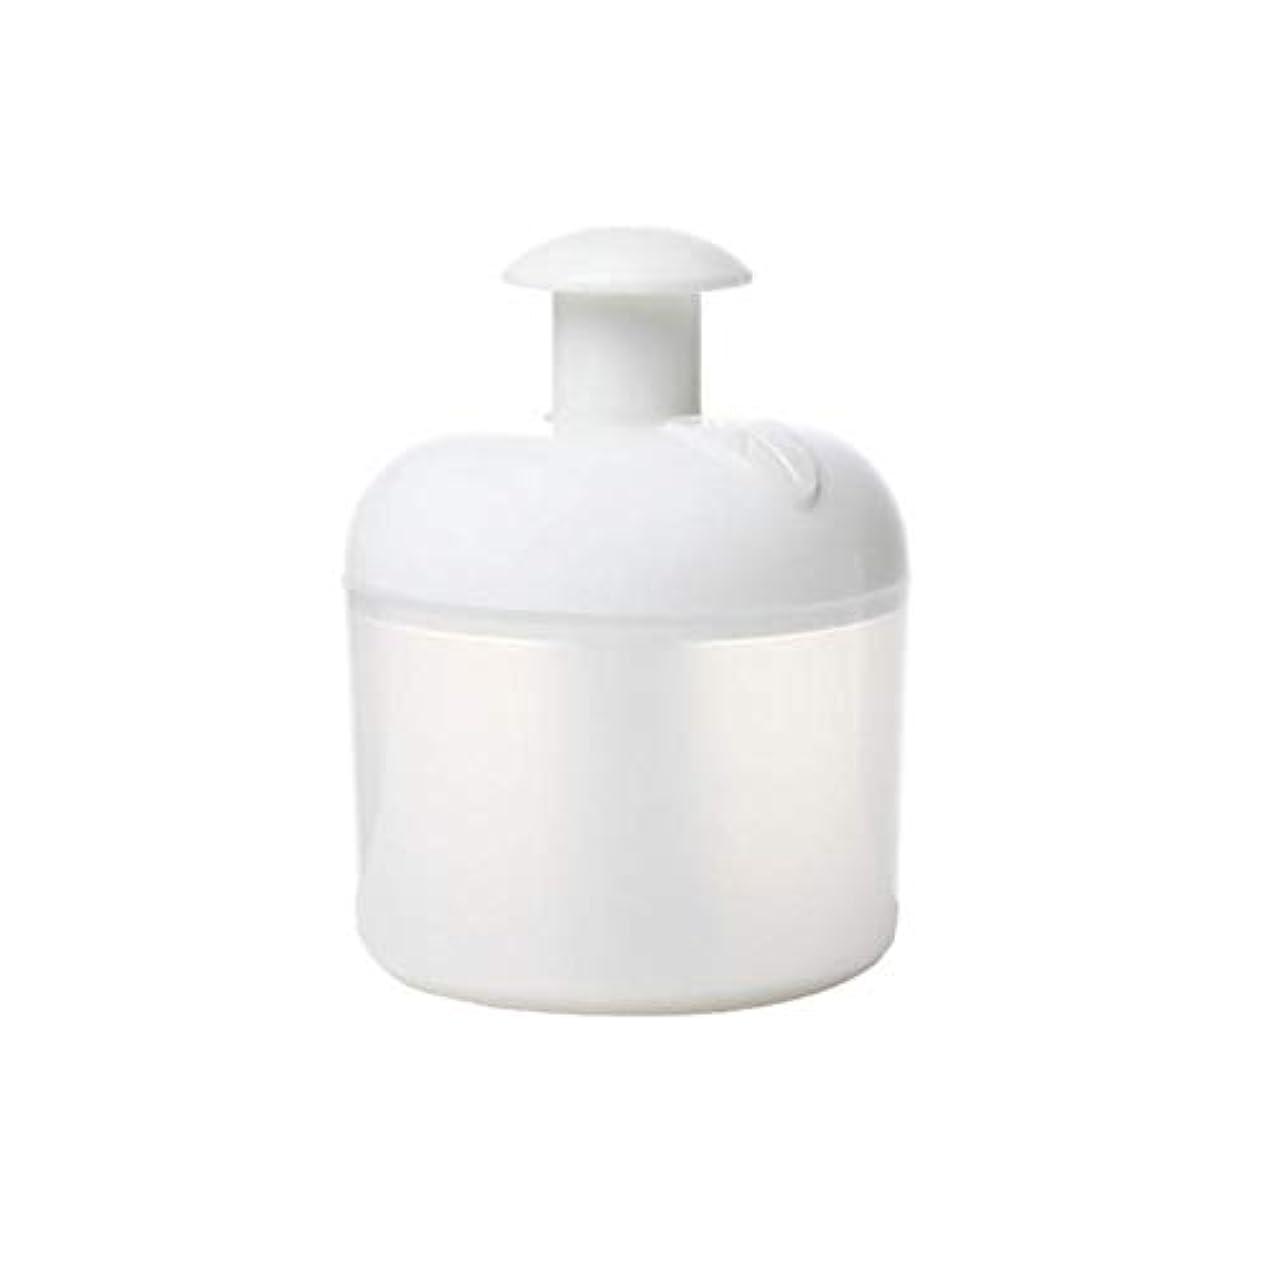 味夢中農民マイクロバブルフォーマー - Dewin 洗顔泡立て器 洗顔ネット マイクロホイッパー クリーンツール 7倍の濃厚なバブル 美容グッズ